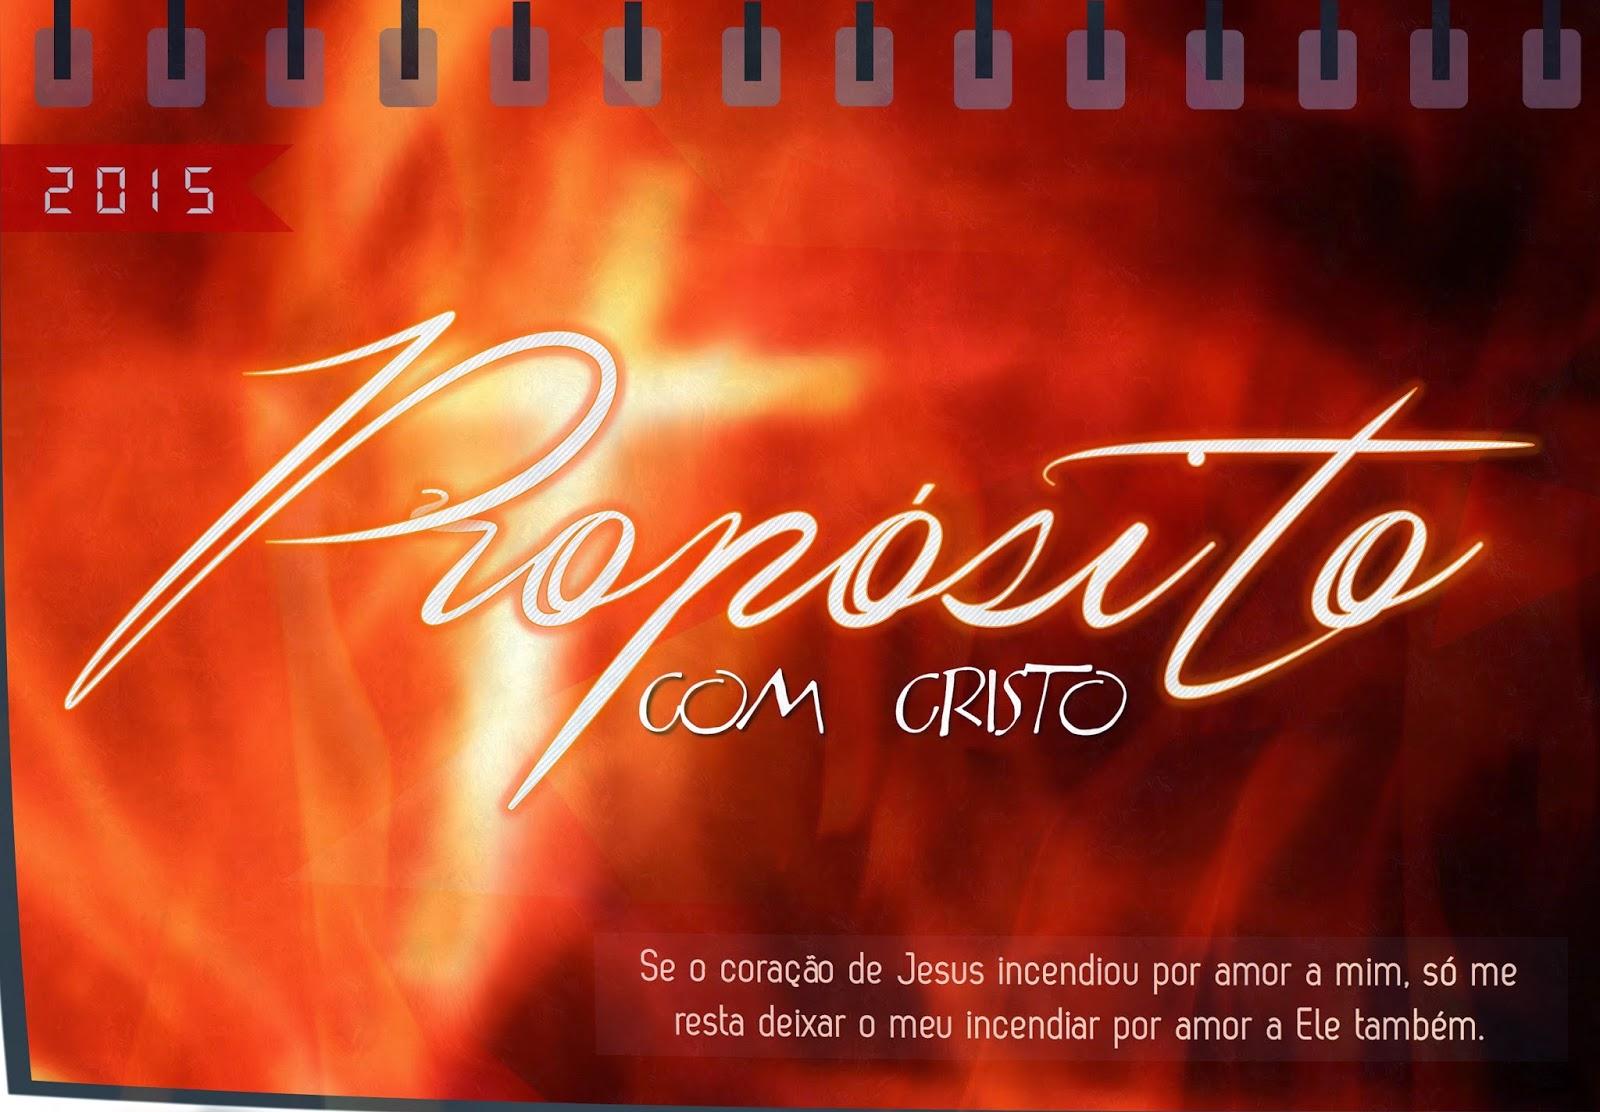 Propósito com Cristo 2015